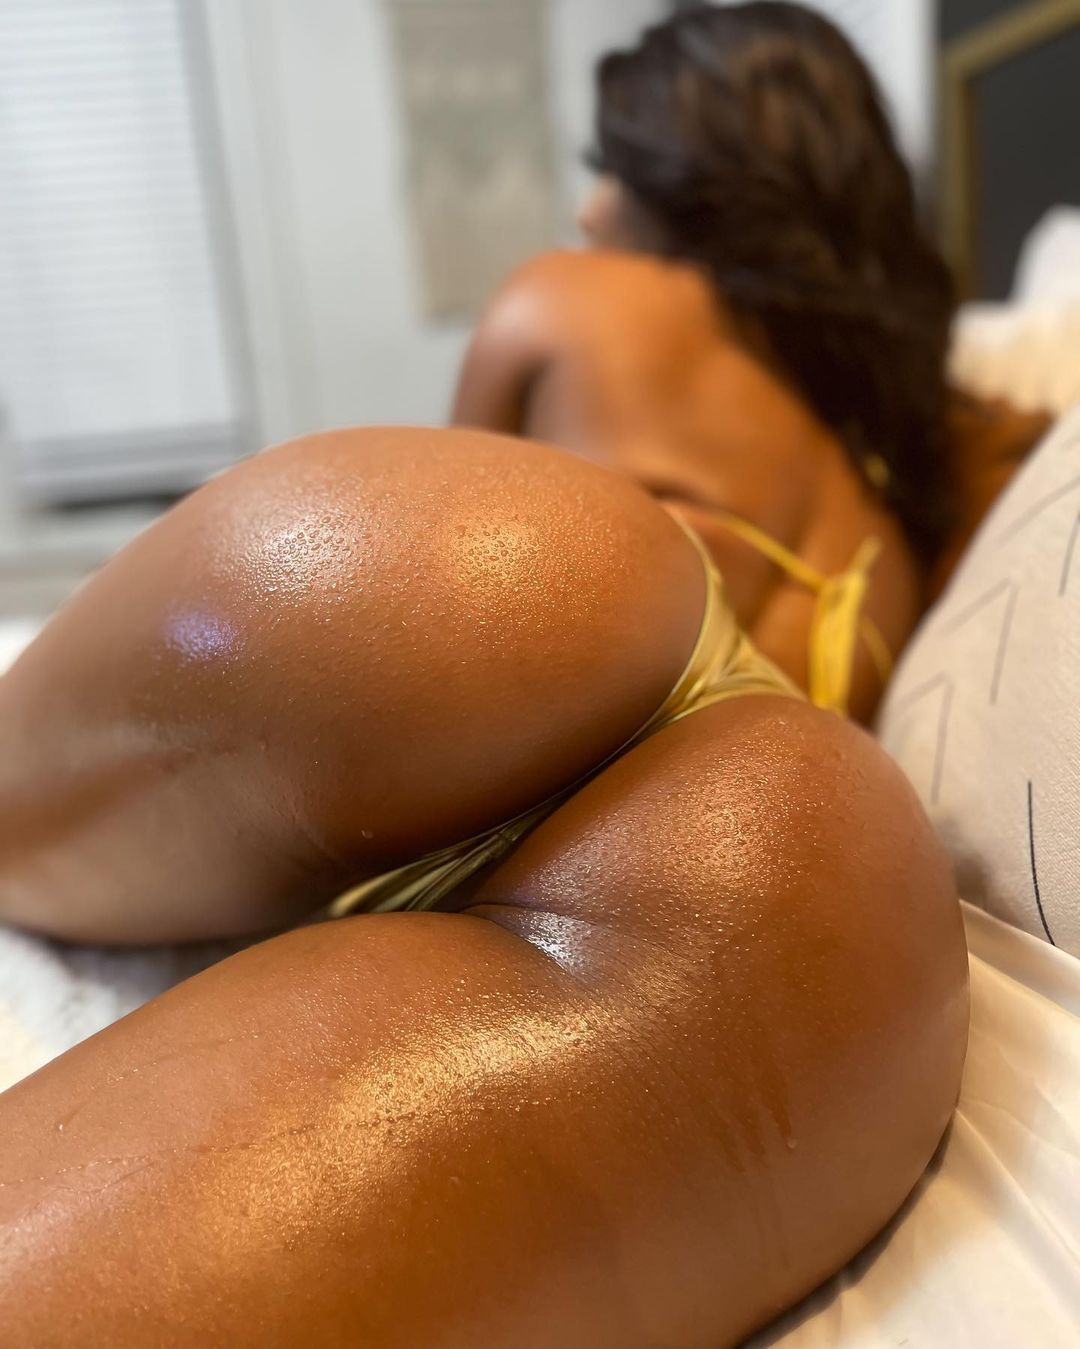 Saleema-Mansur-gold-booty.jpg